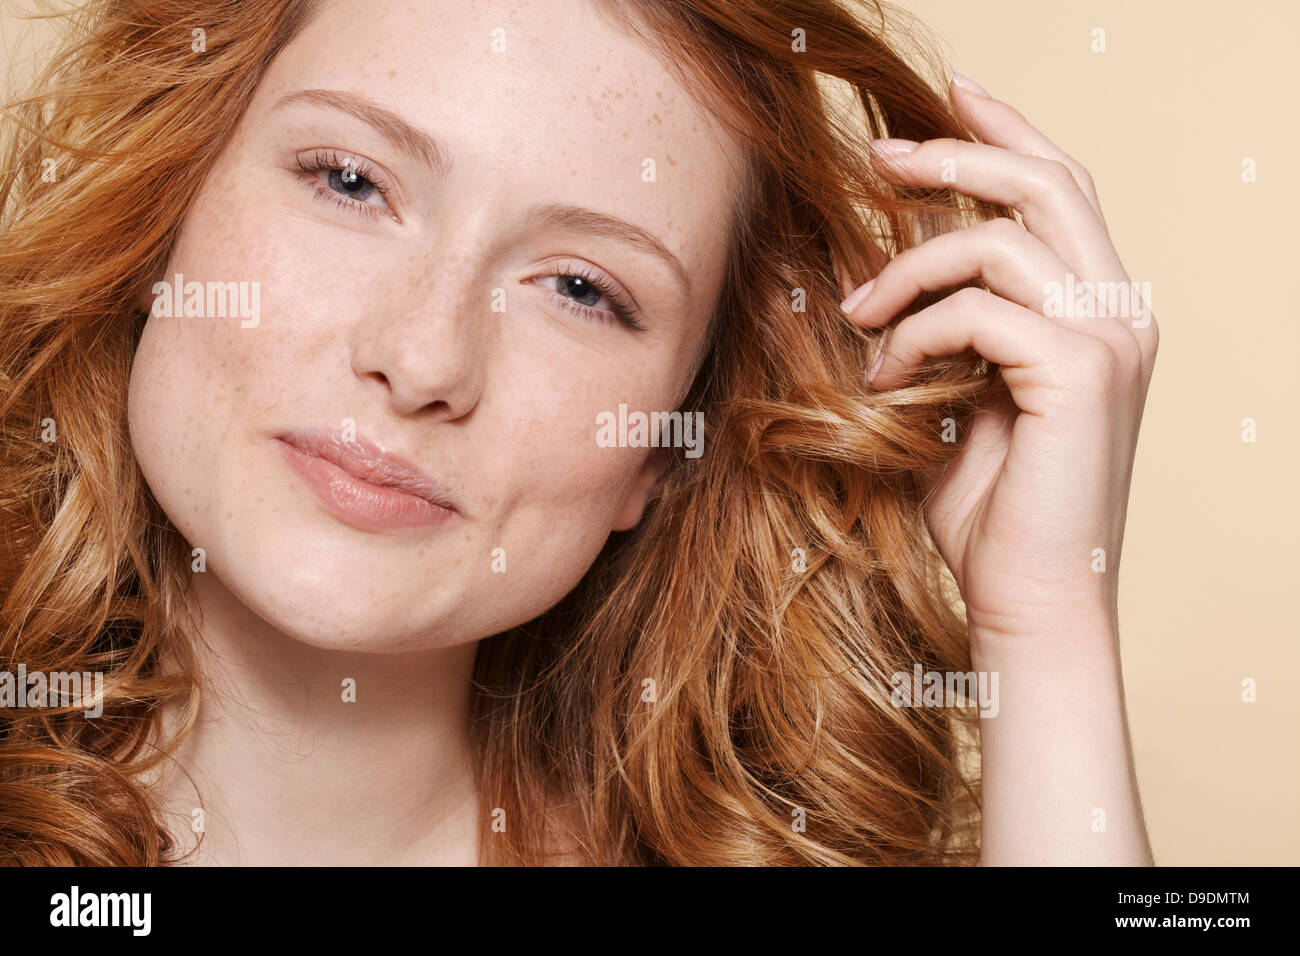 Foto de estudio de la mujer joven con pelo rojo rizado, la mano en el cabello Foto de stock